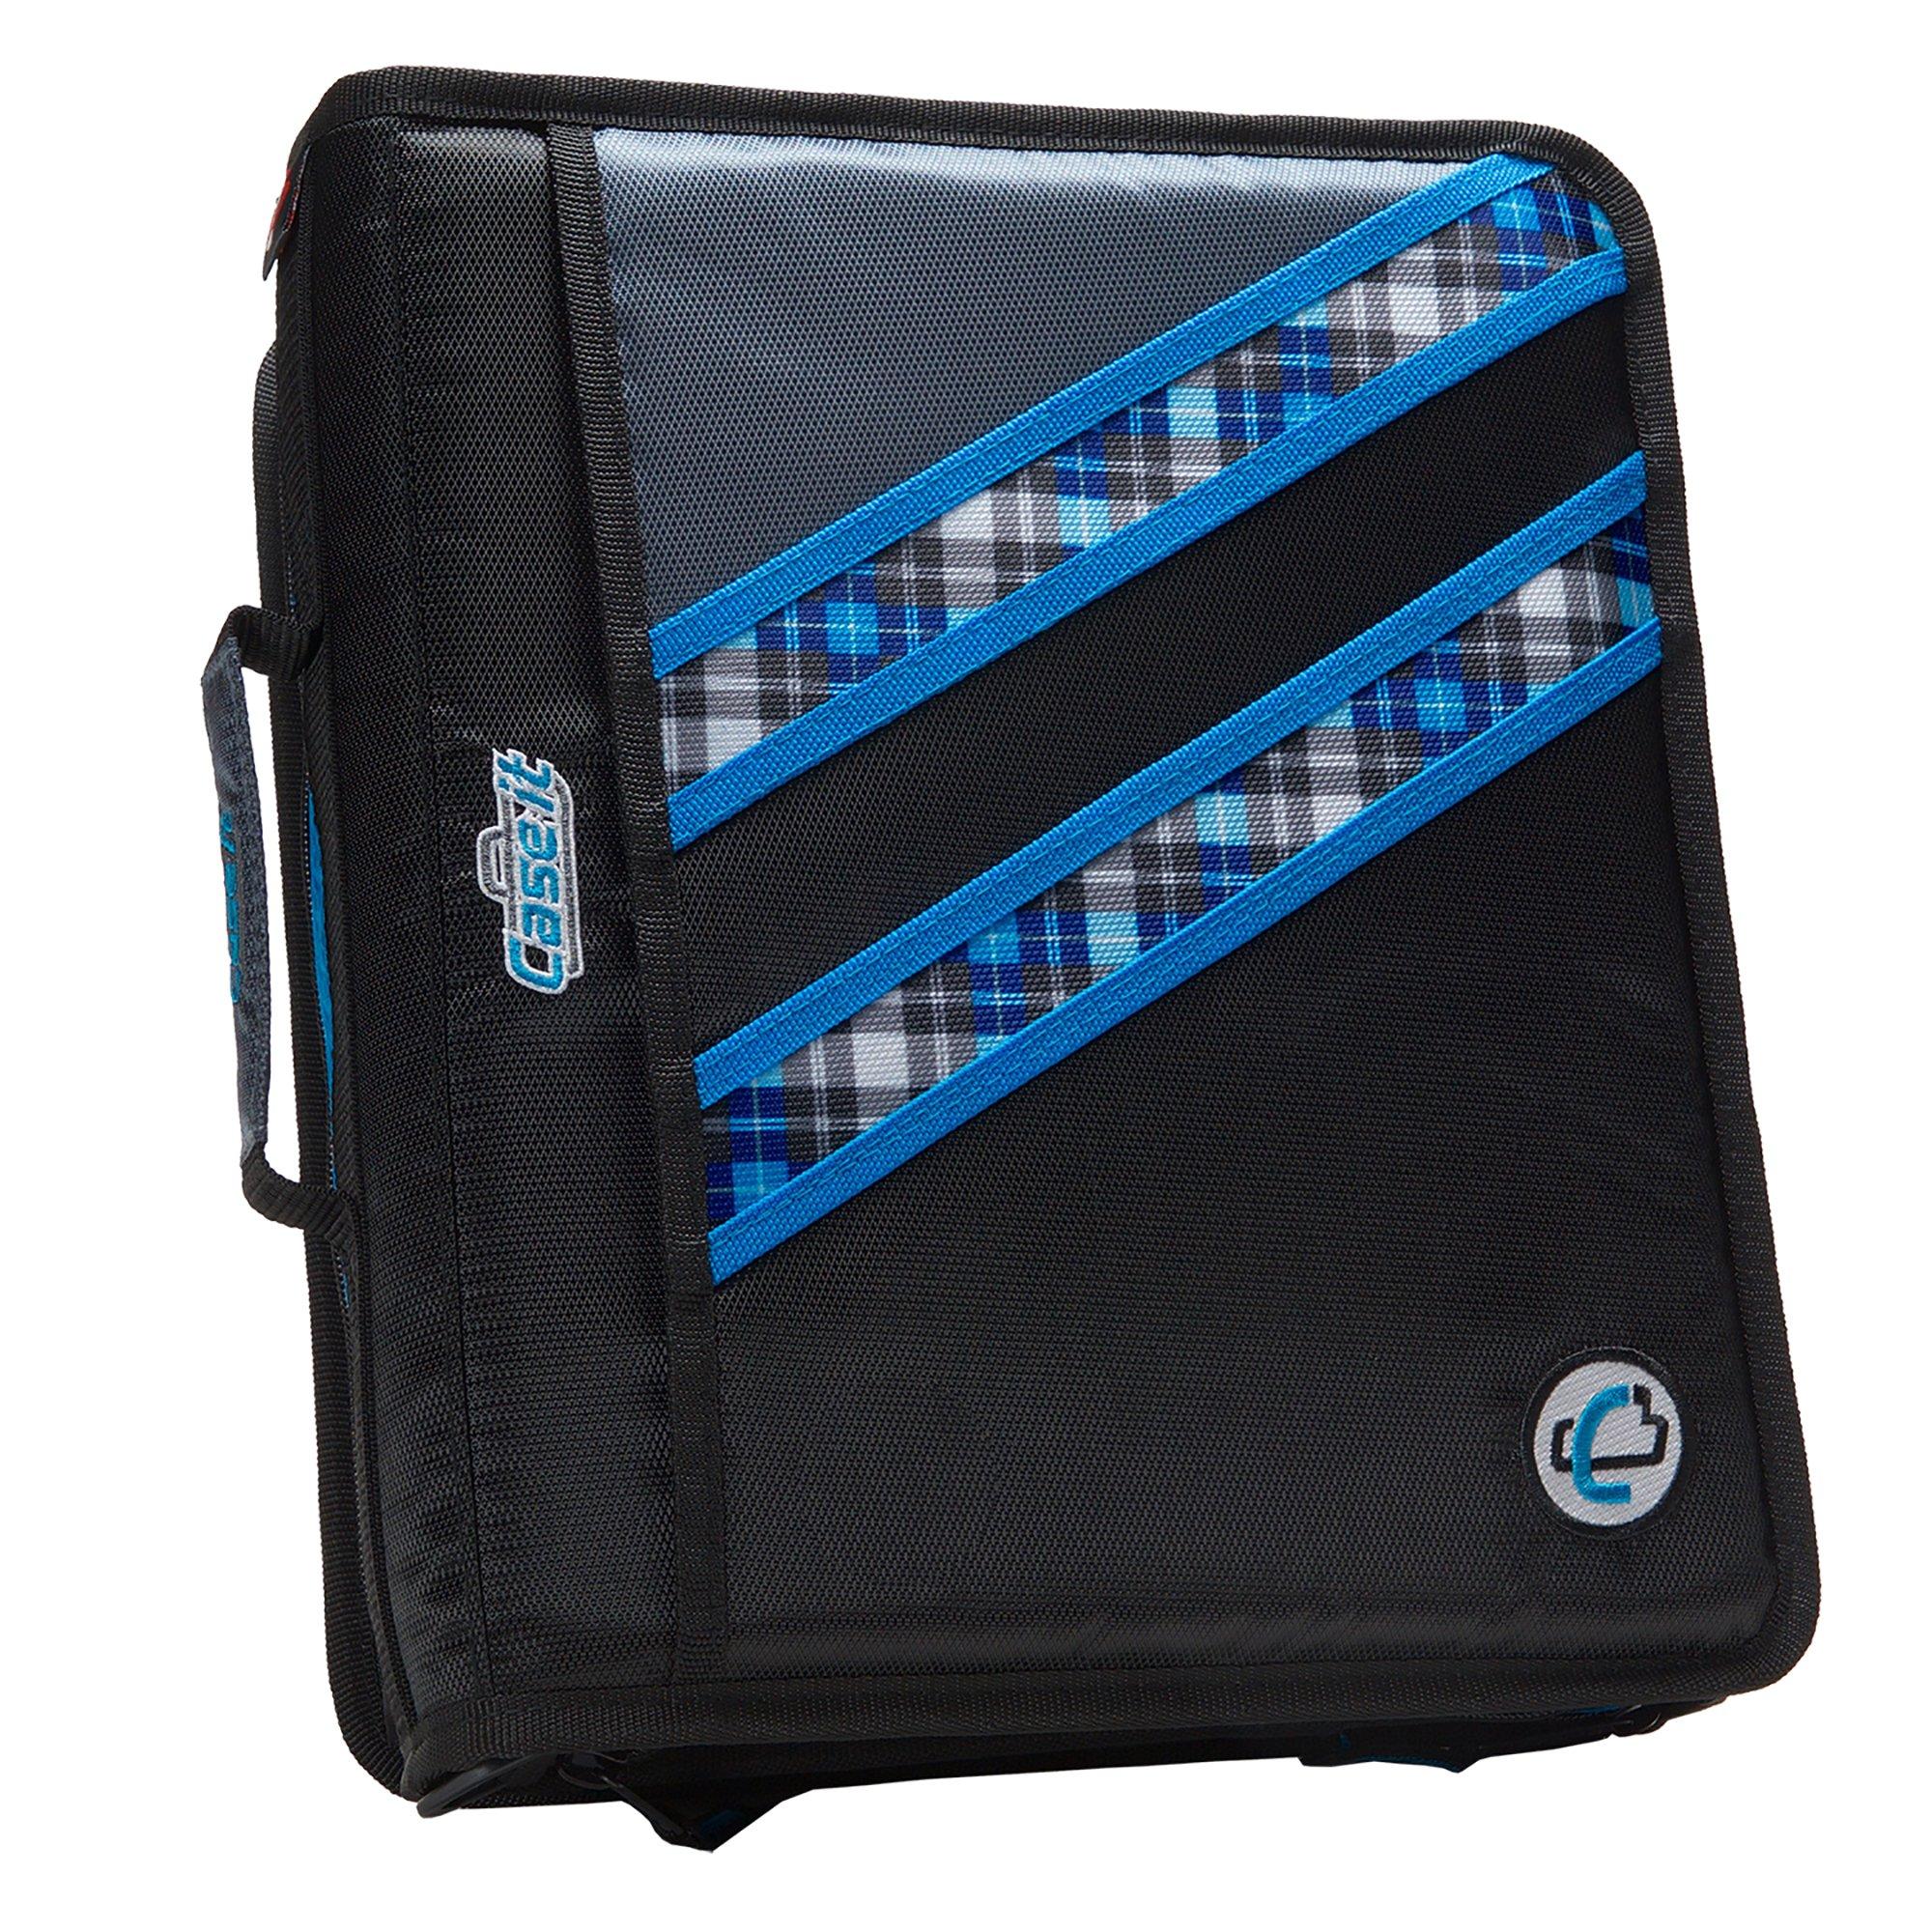 Case-it Z-Binder Two-in-One 1.5-Inch D-Ring Zipper Binders, Blue Plaid, Z-177-NEOBLU